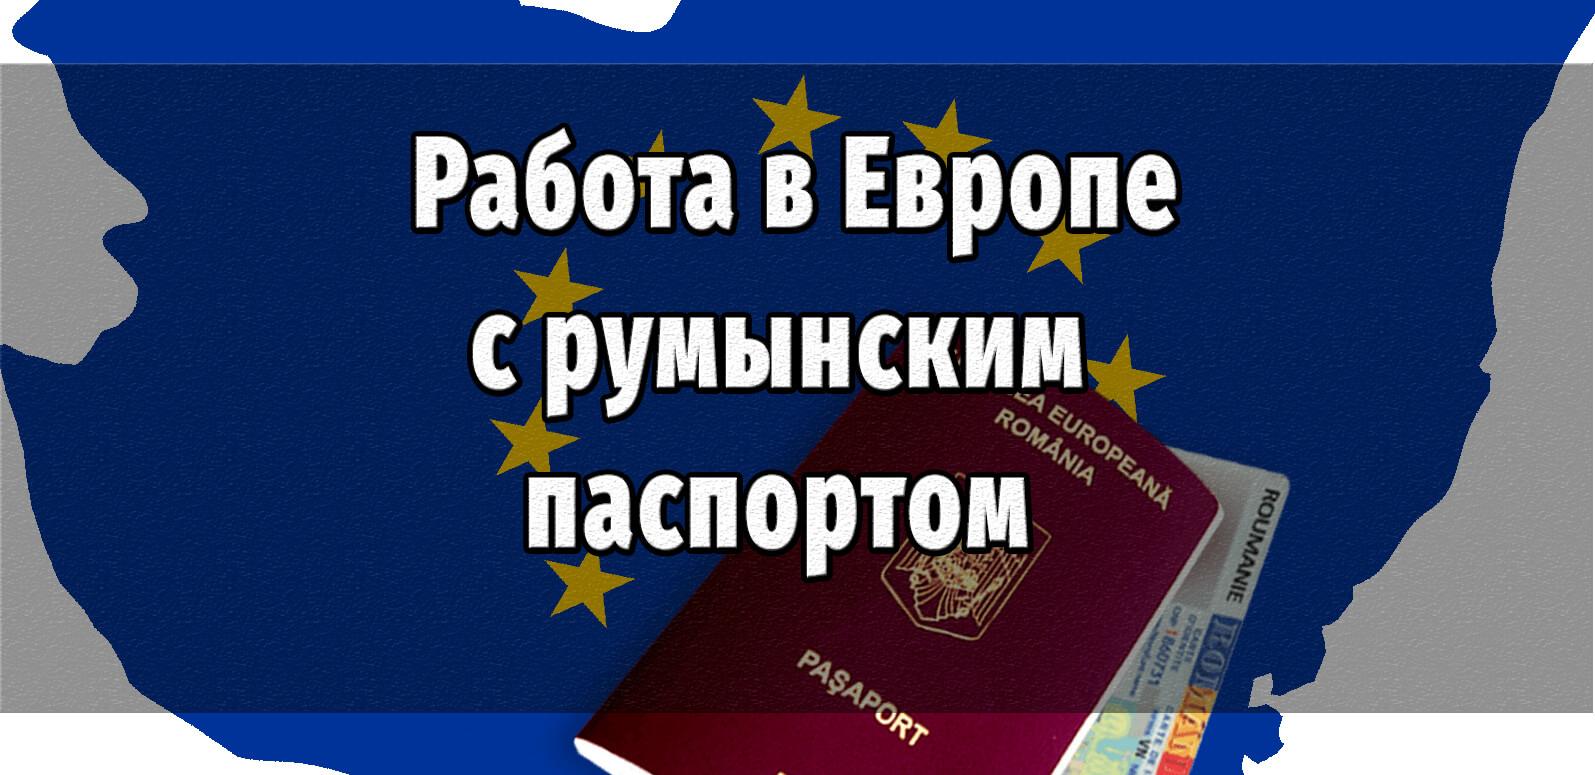 работа в европе с румынским паспортом